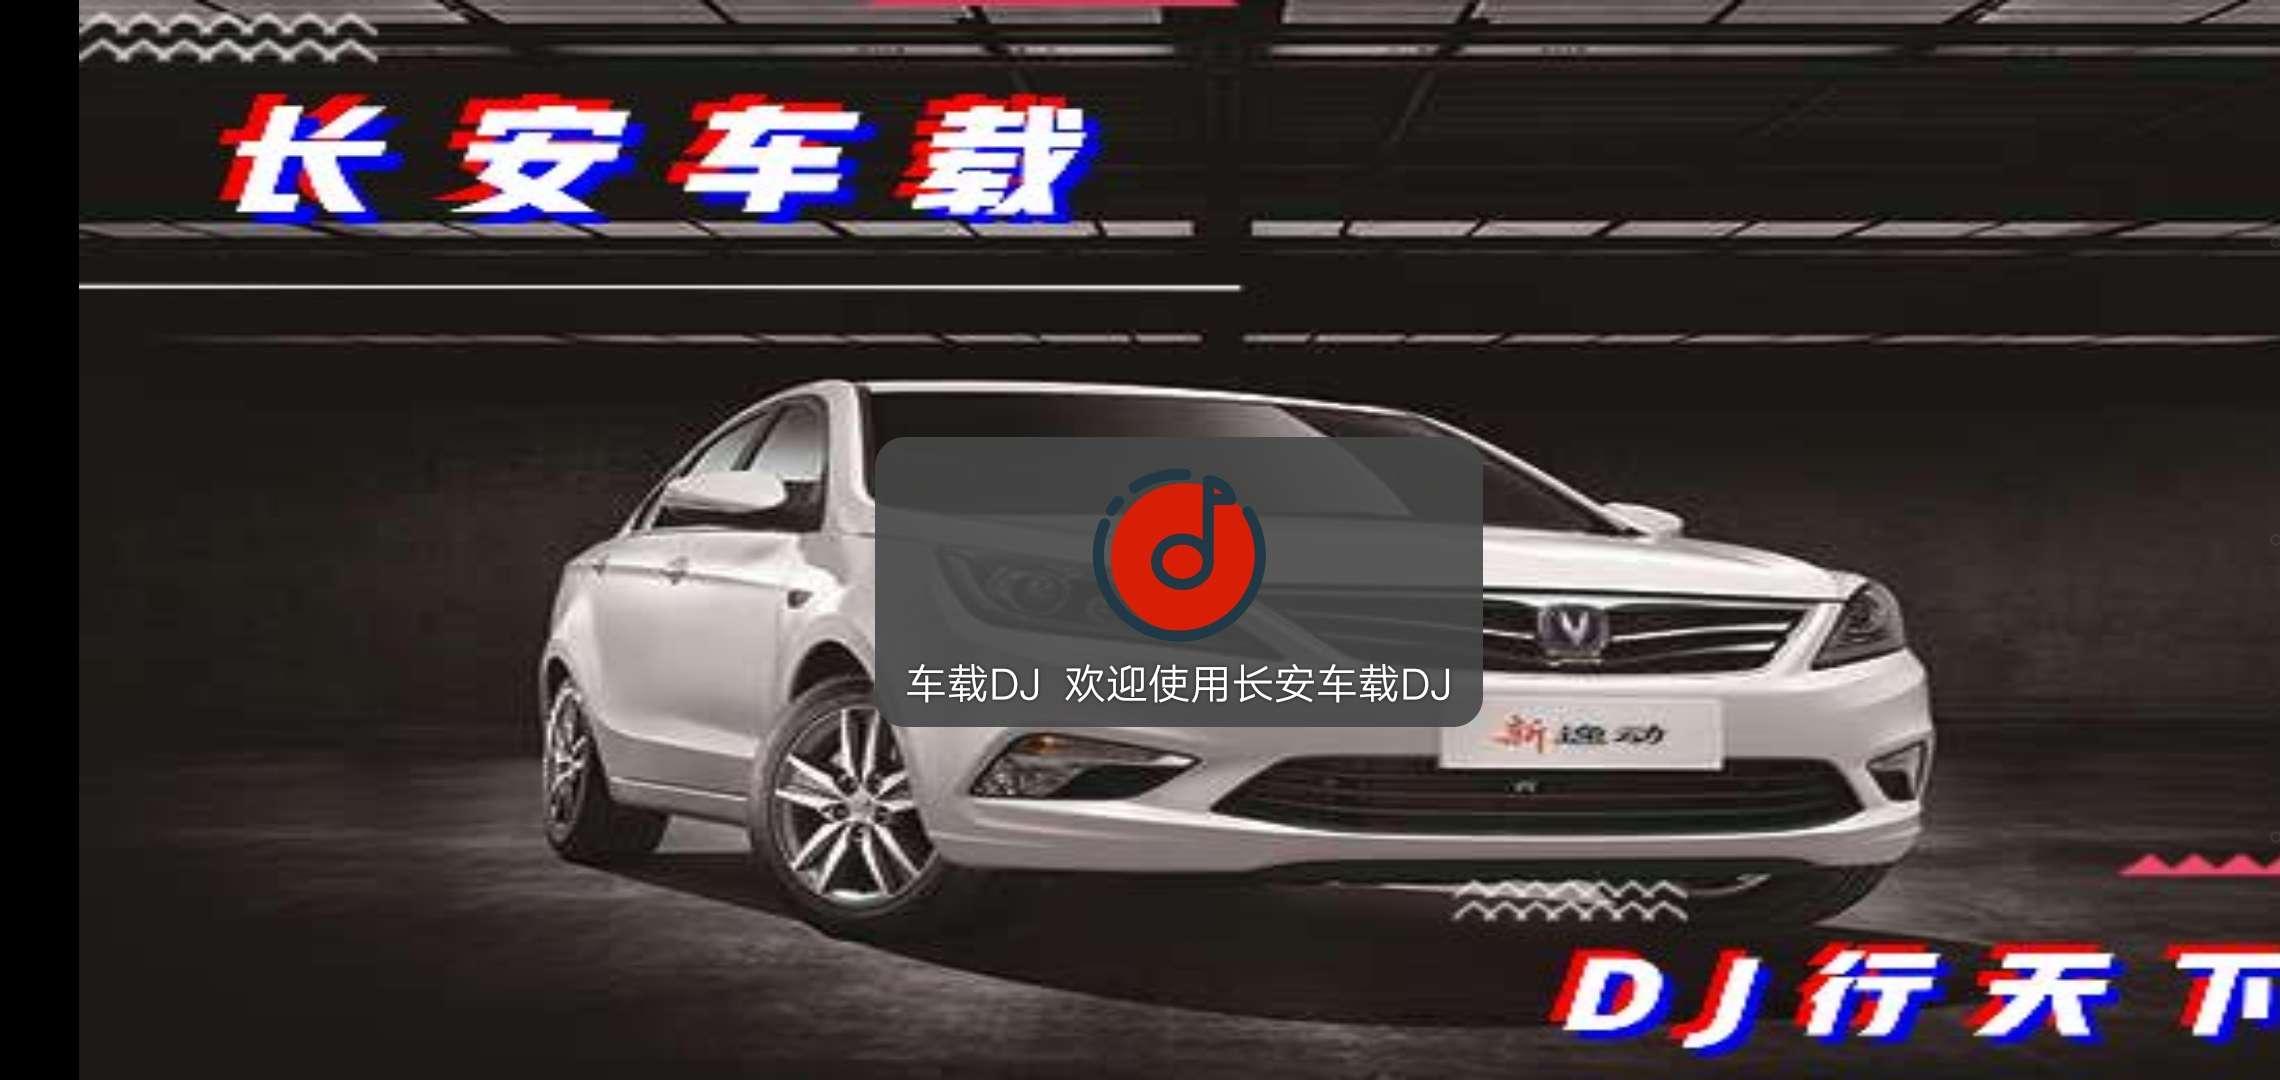 「原创」车载DJ音乐播放器 - 开车全靠抖